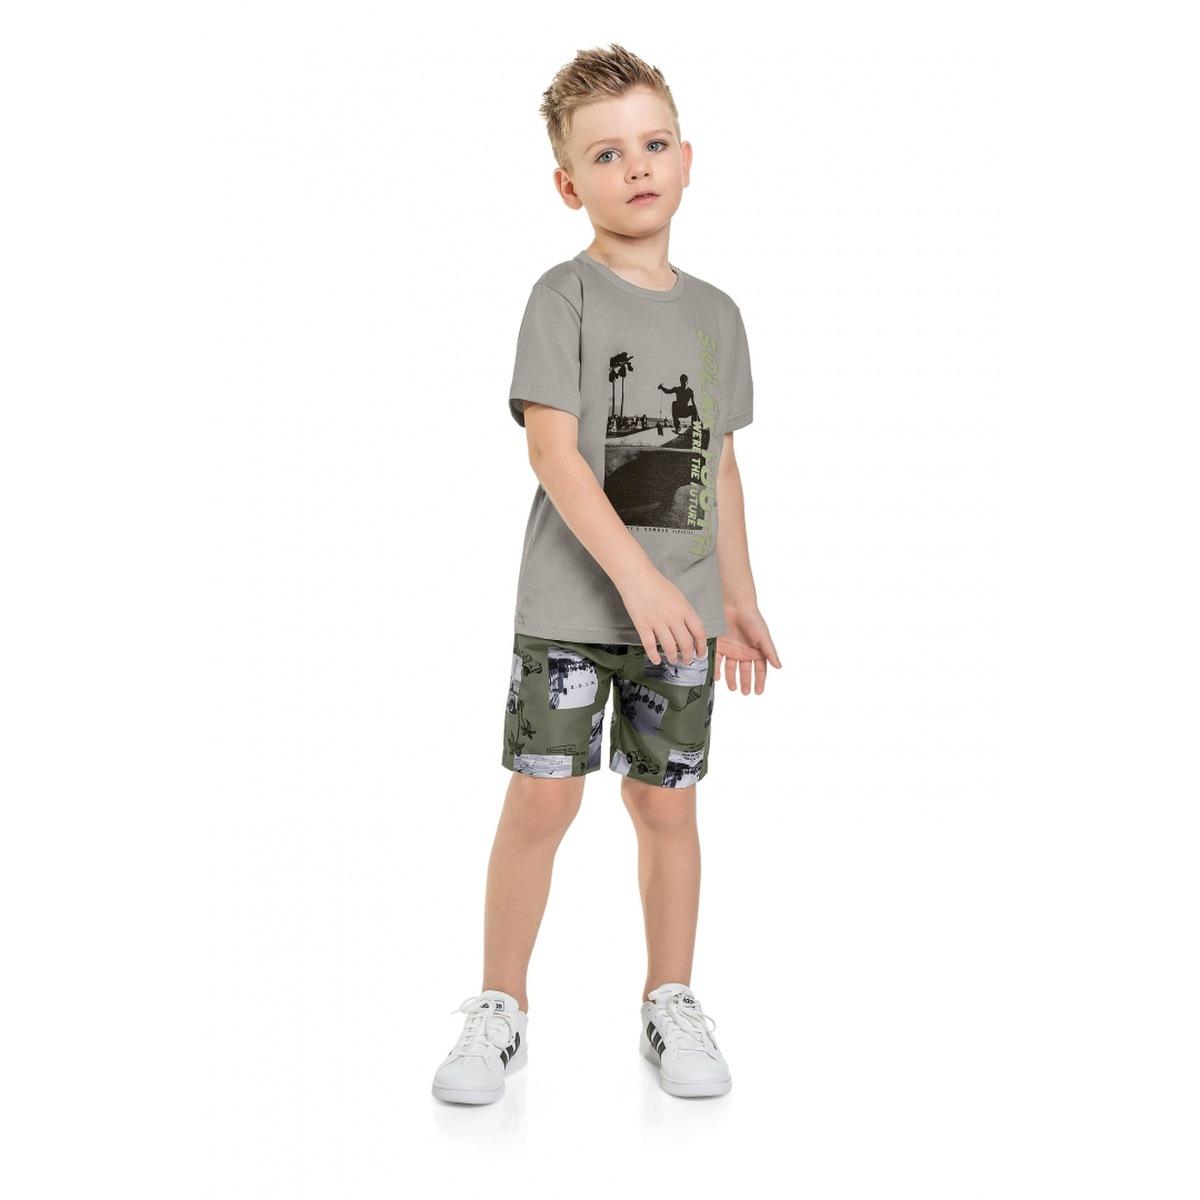 Conjunto Menino Quimby Camiseta e Bermuda Microfibra - Mescla Grafite